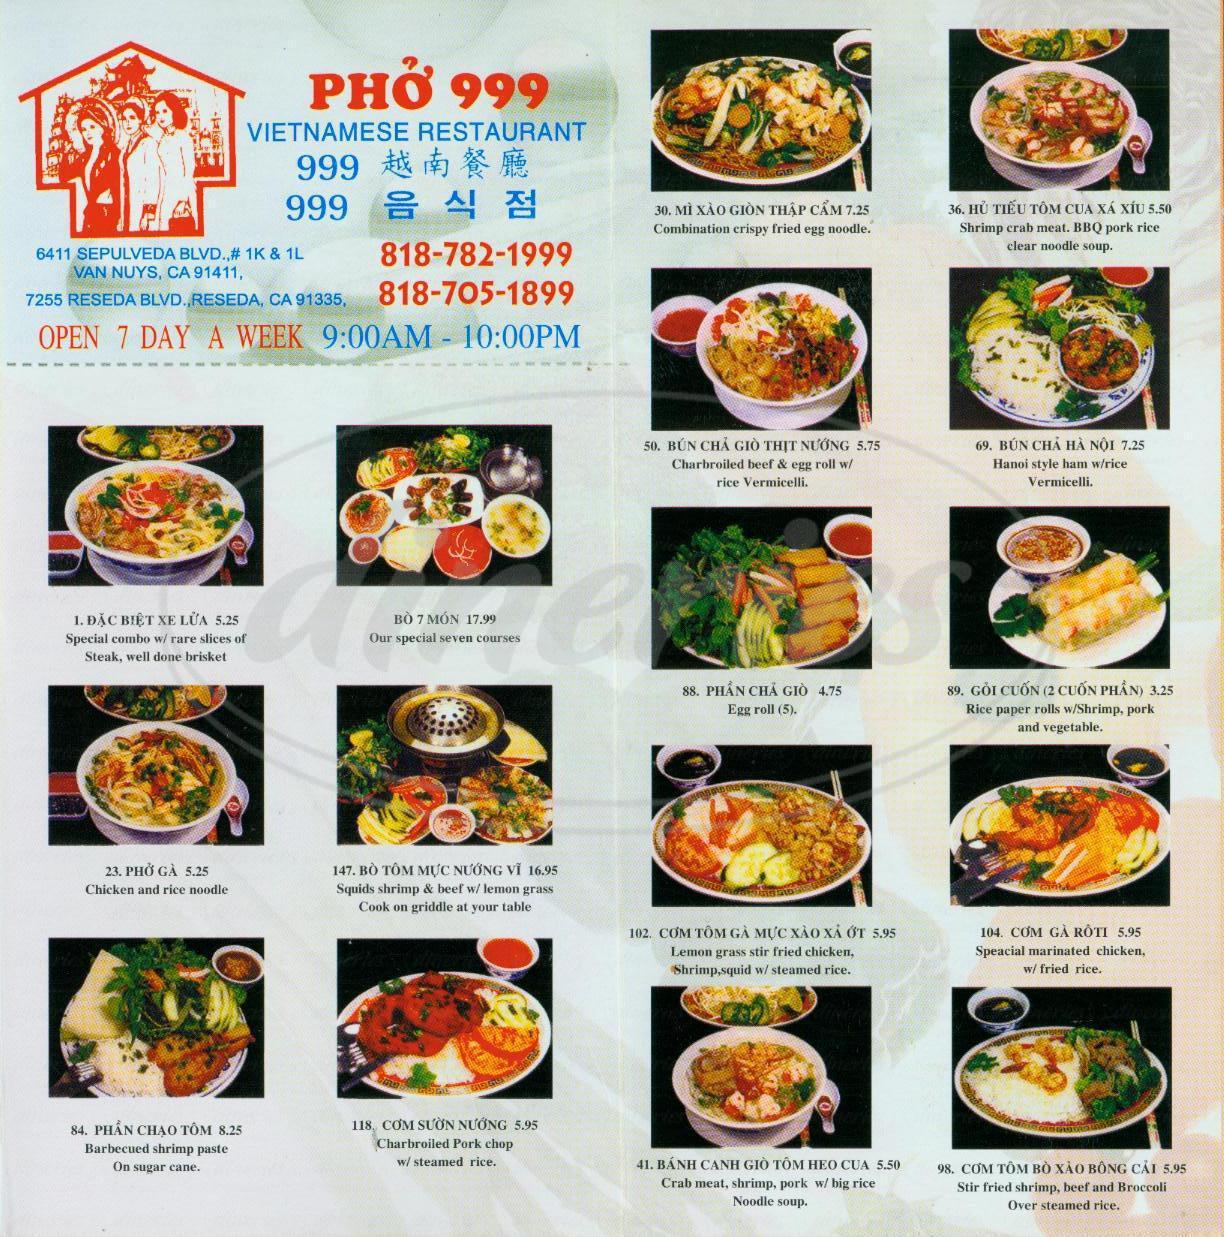 menu for Pho 999